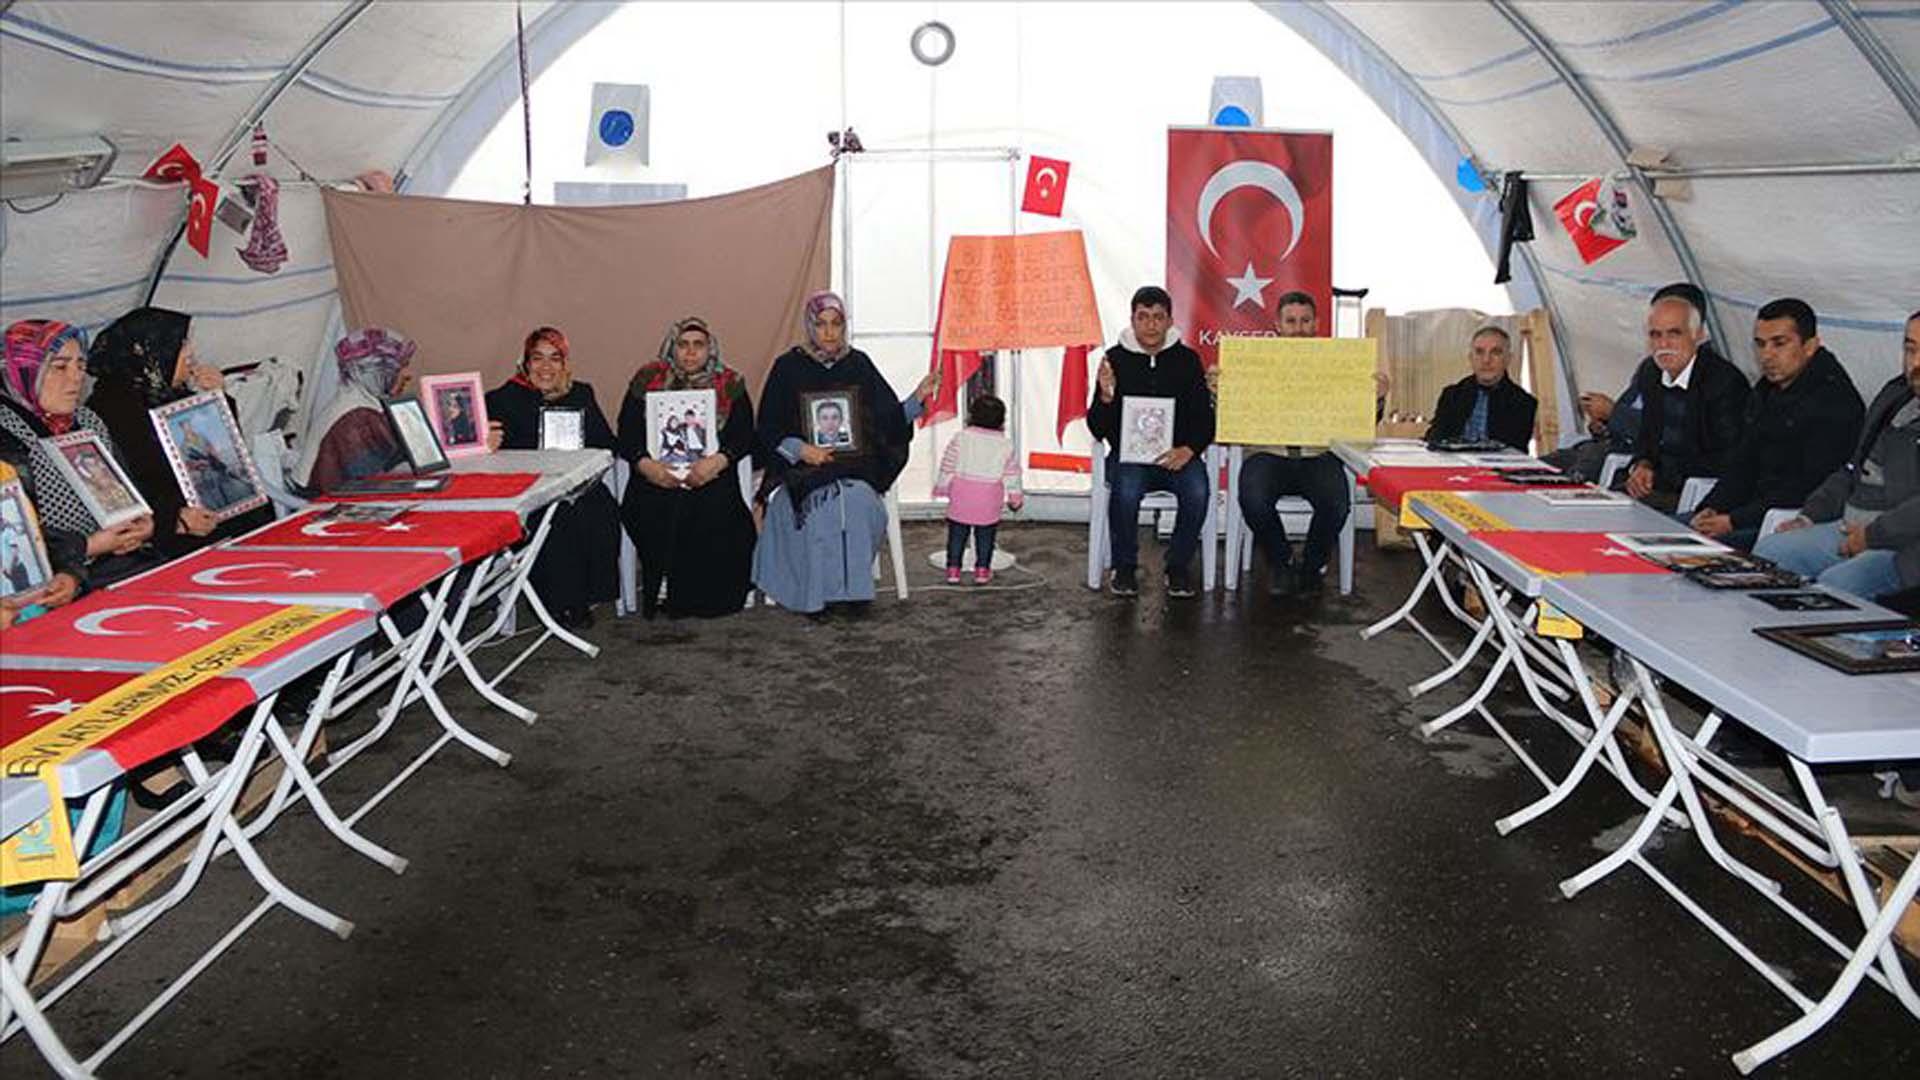 674 gündür bekliyorlar! Cumhurbaşkanı Erdoğan, evlat nöbetindeki Diyarbakır anneleriyle biraya gelecek